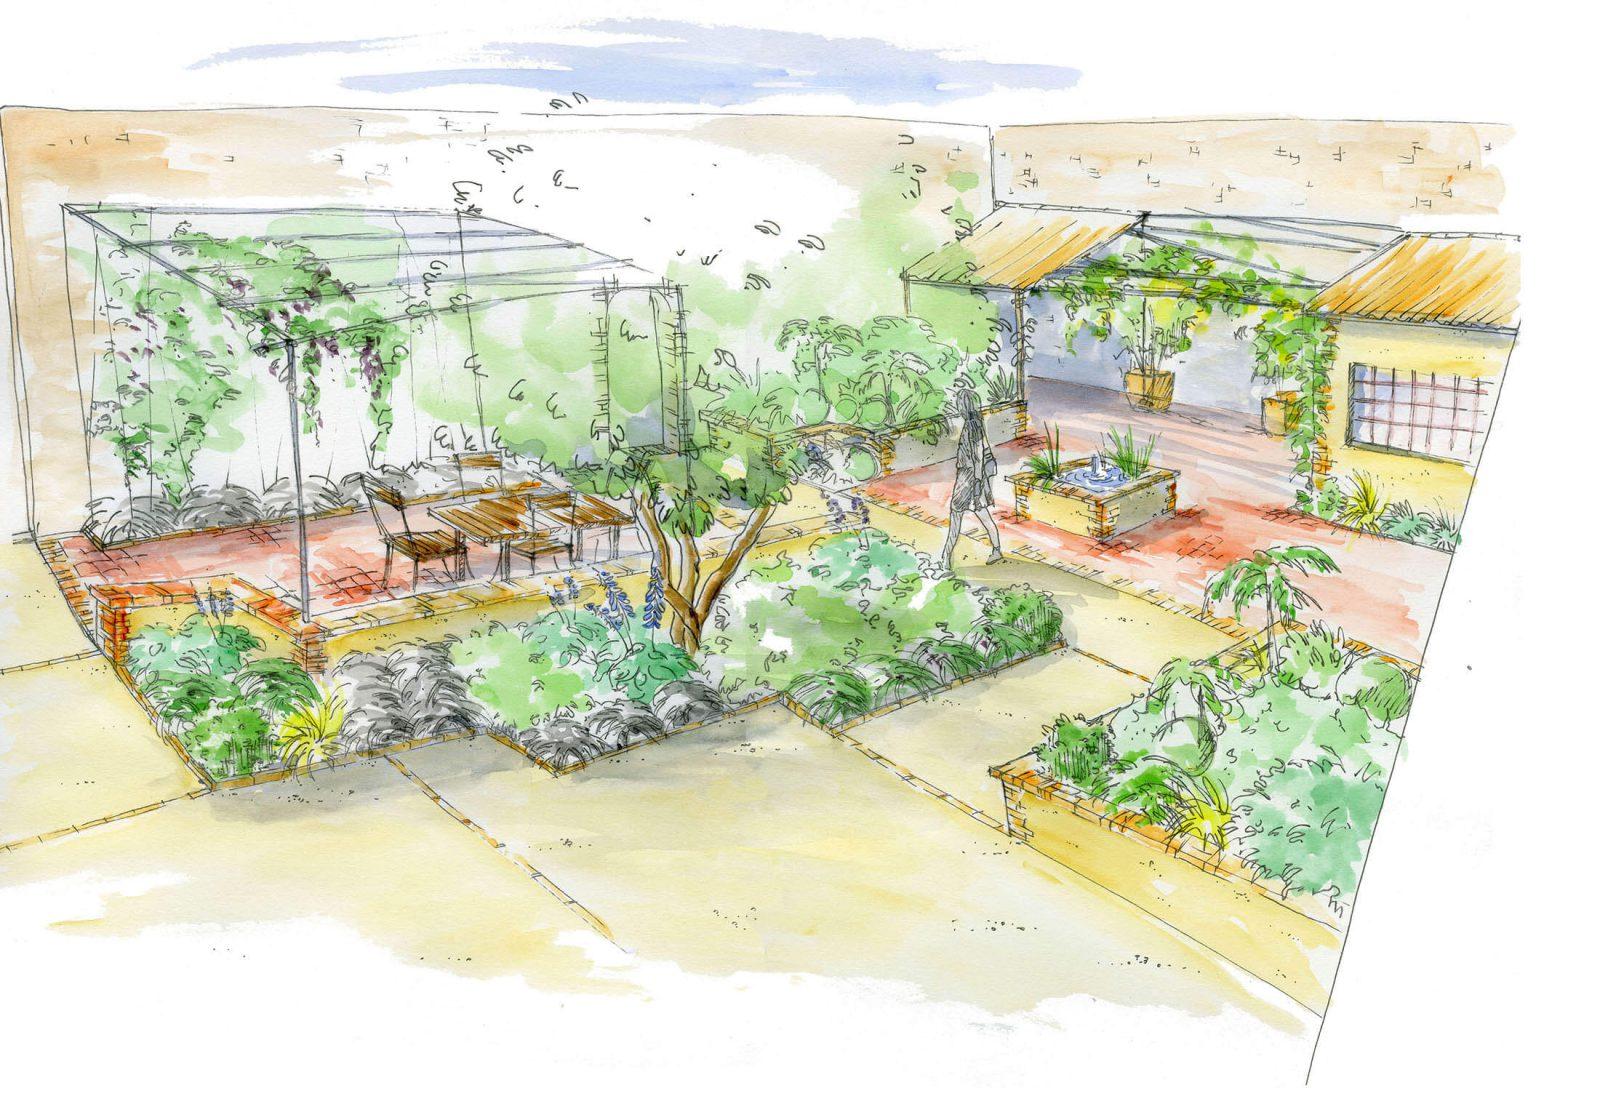 preaud paysagiste des id es pour rendre votre jardin unique. Black Bedroom Furniture Sets. Home Design Ideas